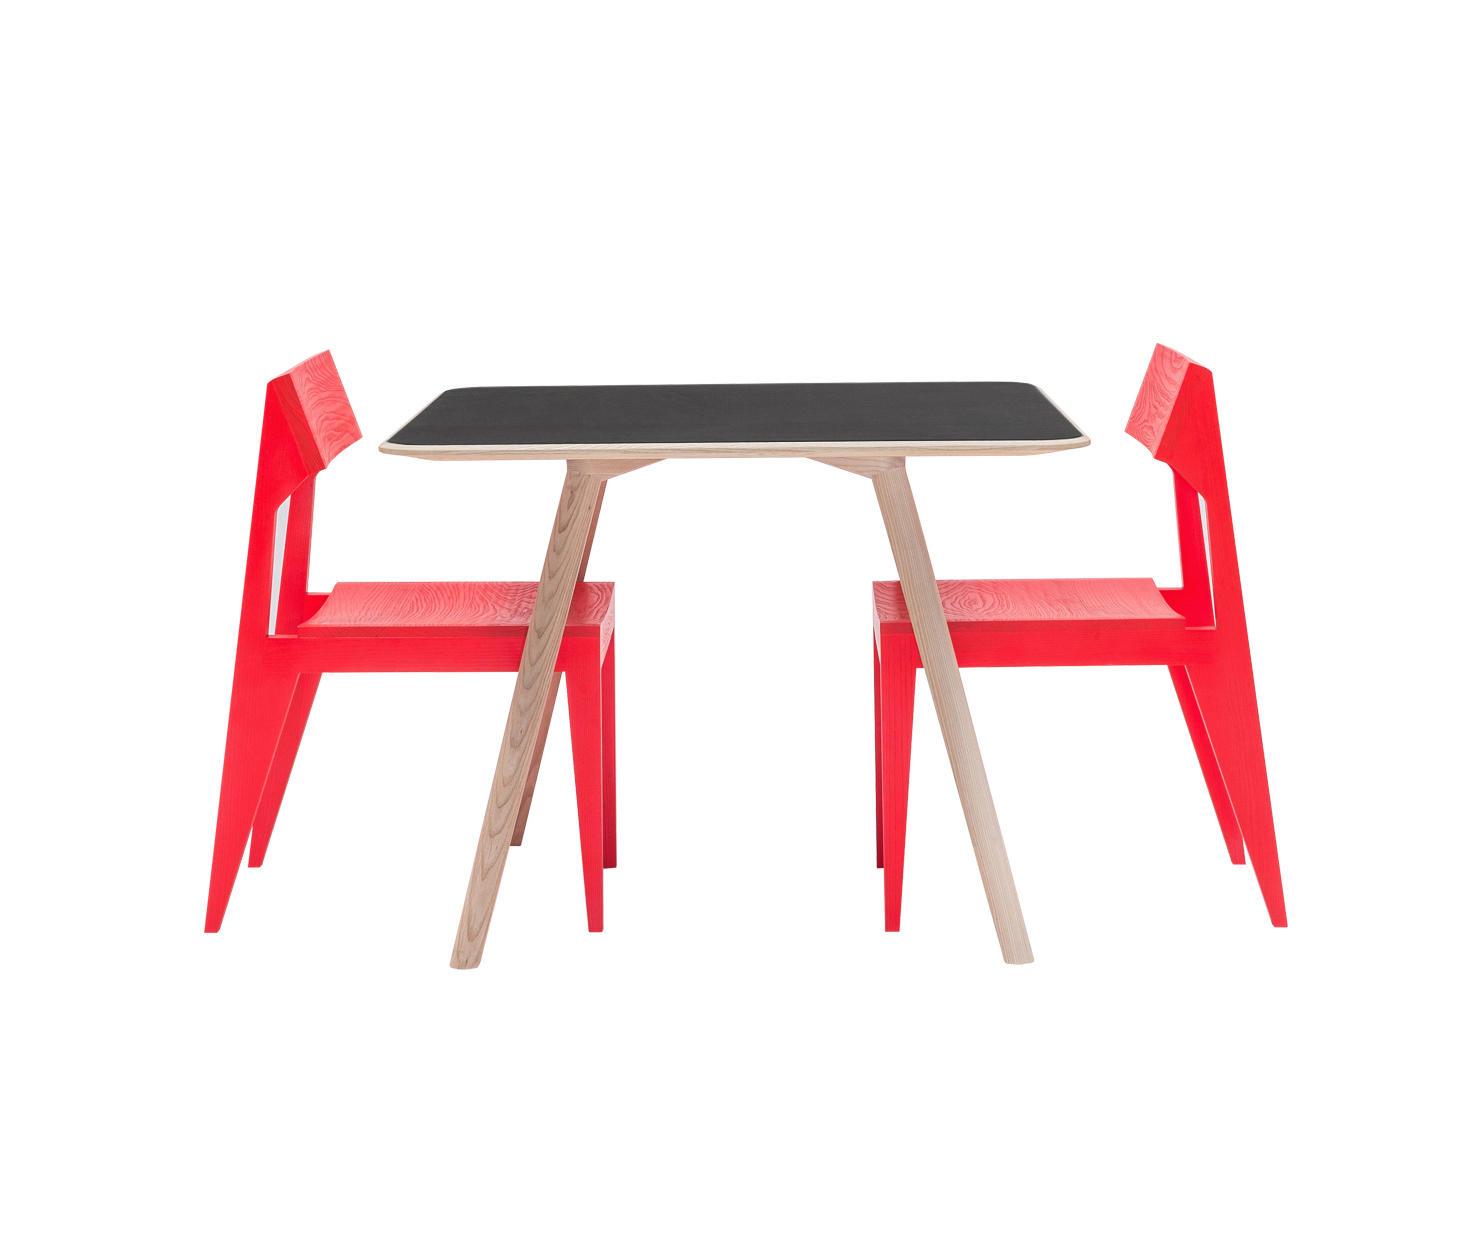 meyer s esstische von objekte unserer tage architonic. Black Bedroom Furniture Sets. Home Design Ideas